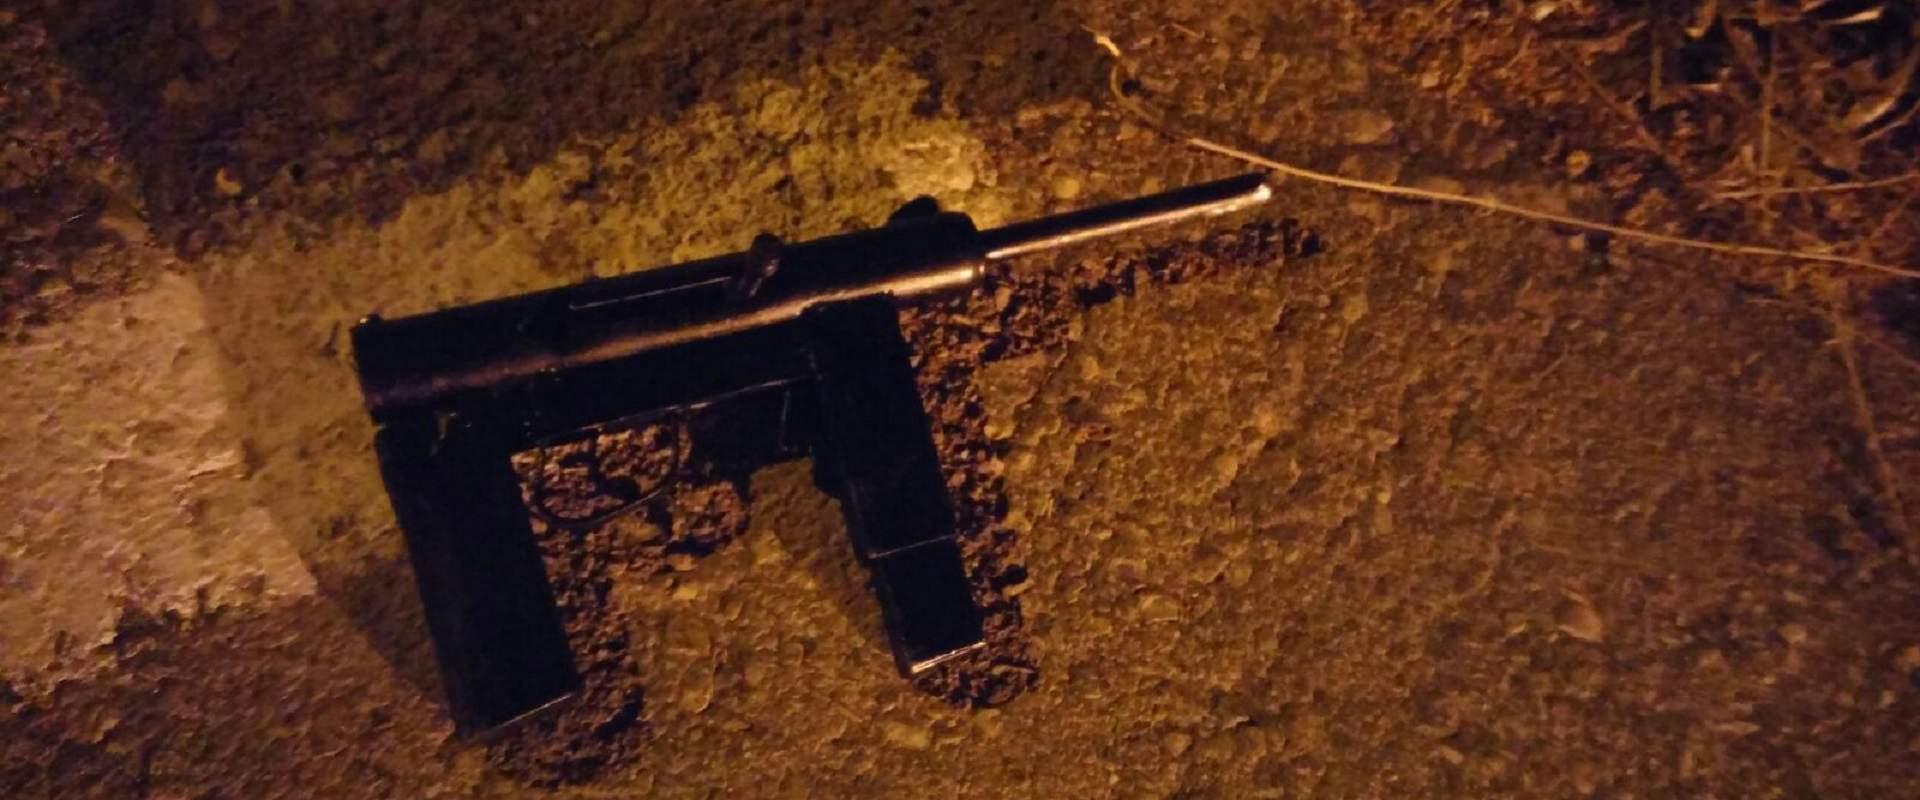 כלי הנשק שנתפס בחברון